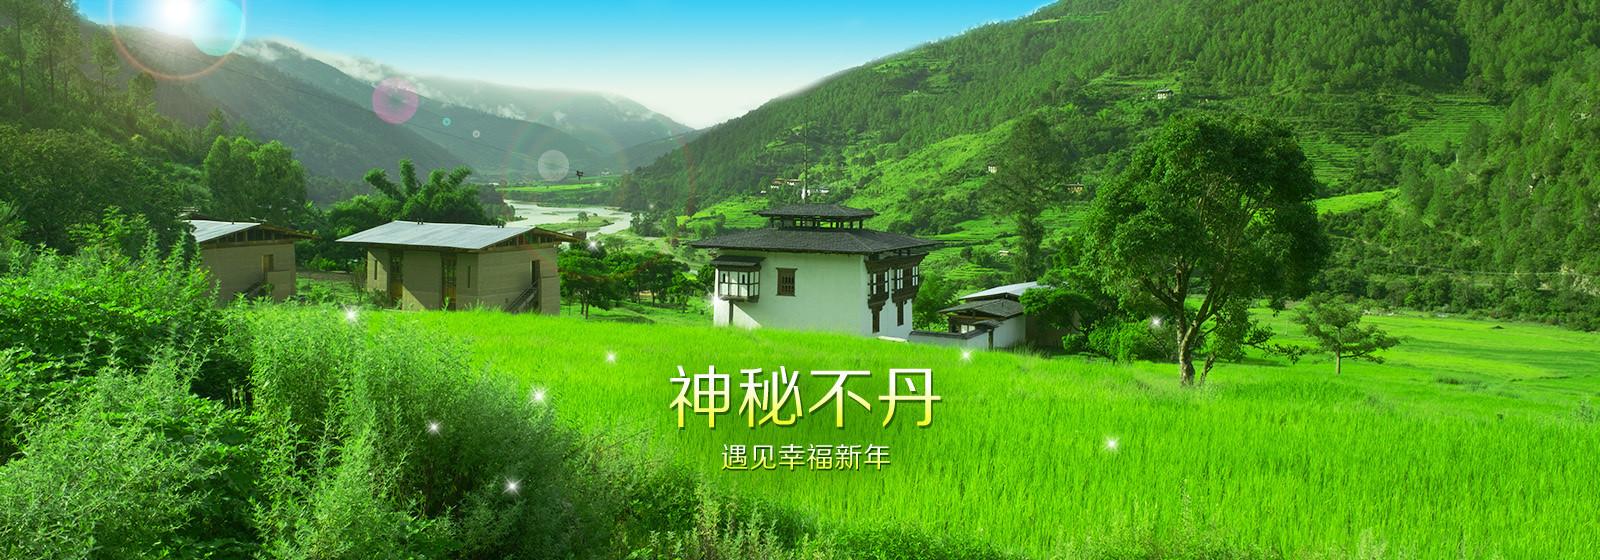 神秘不丹,遇见幸福新年